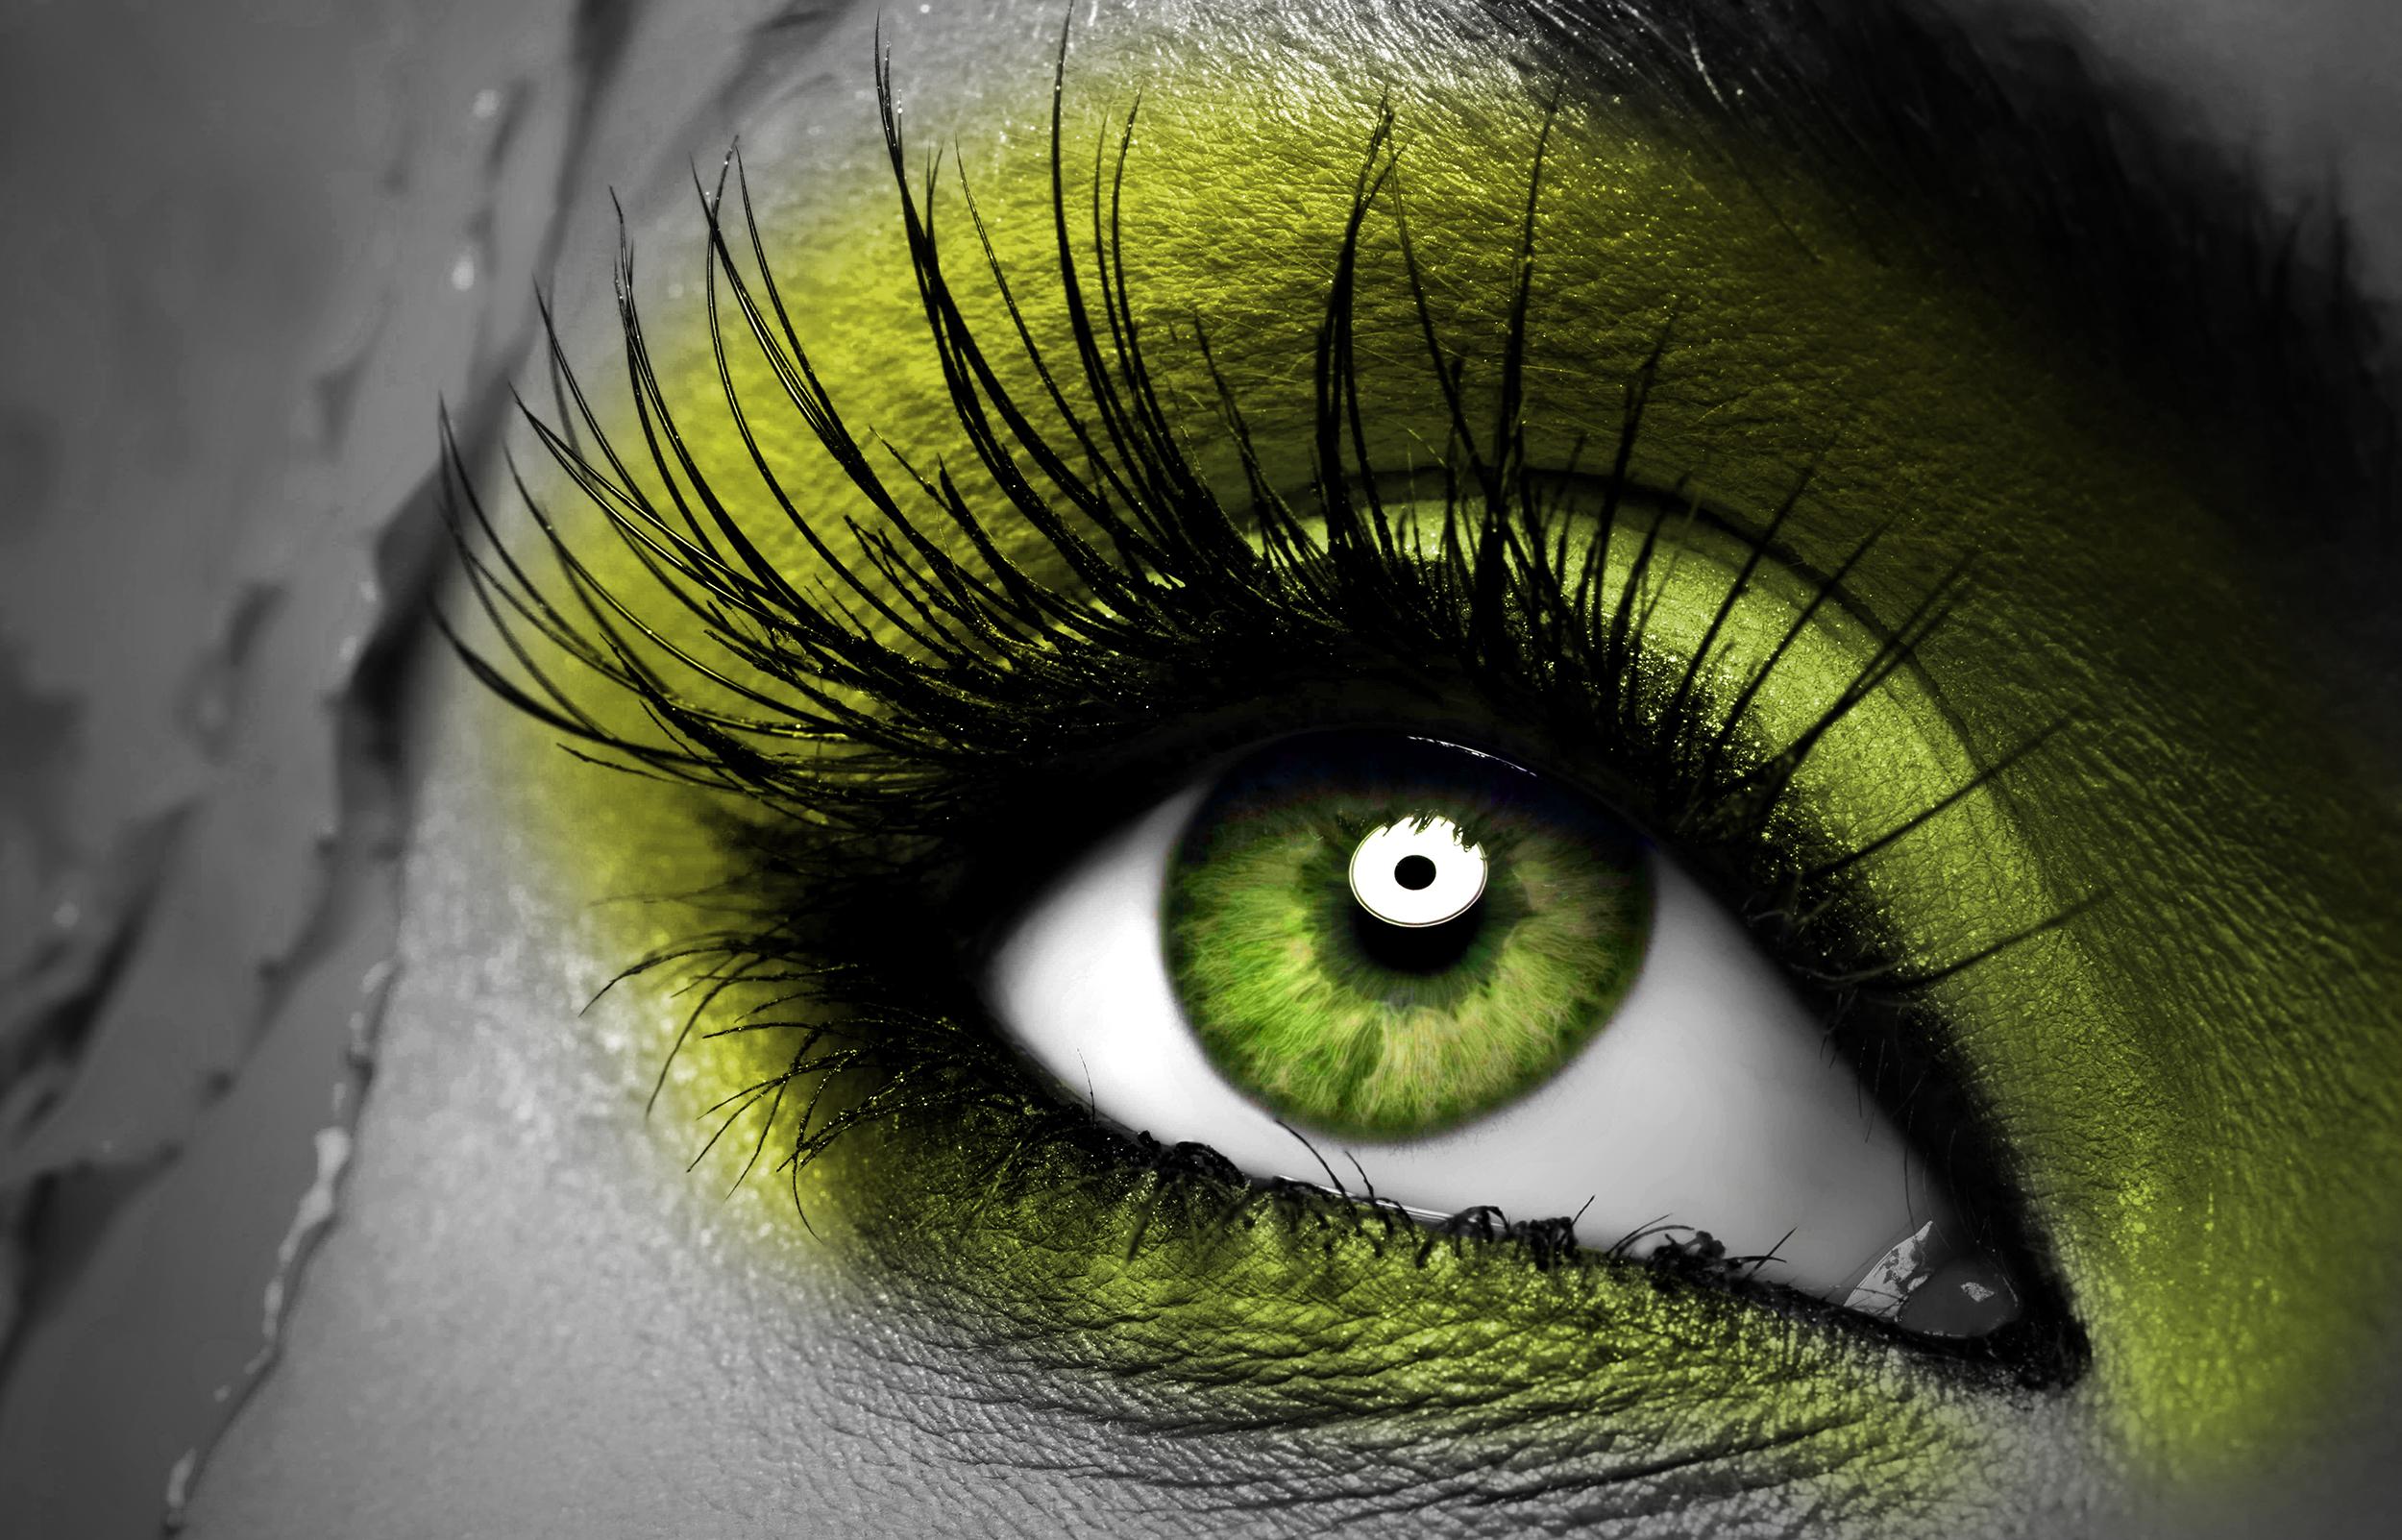 Scharfes Auge mit grüner Pupille und grünem Lidschatten mit langen Wimpern